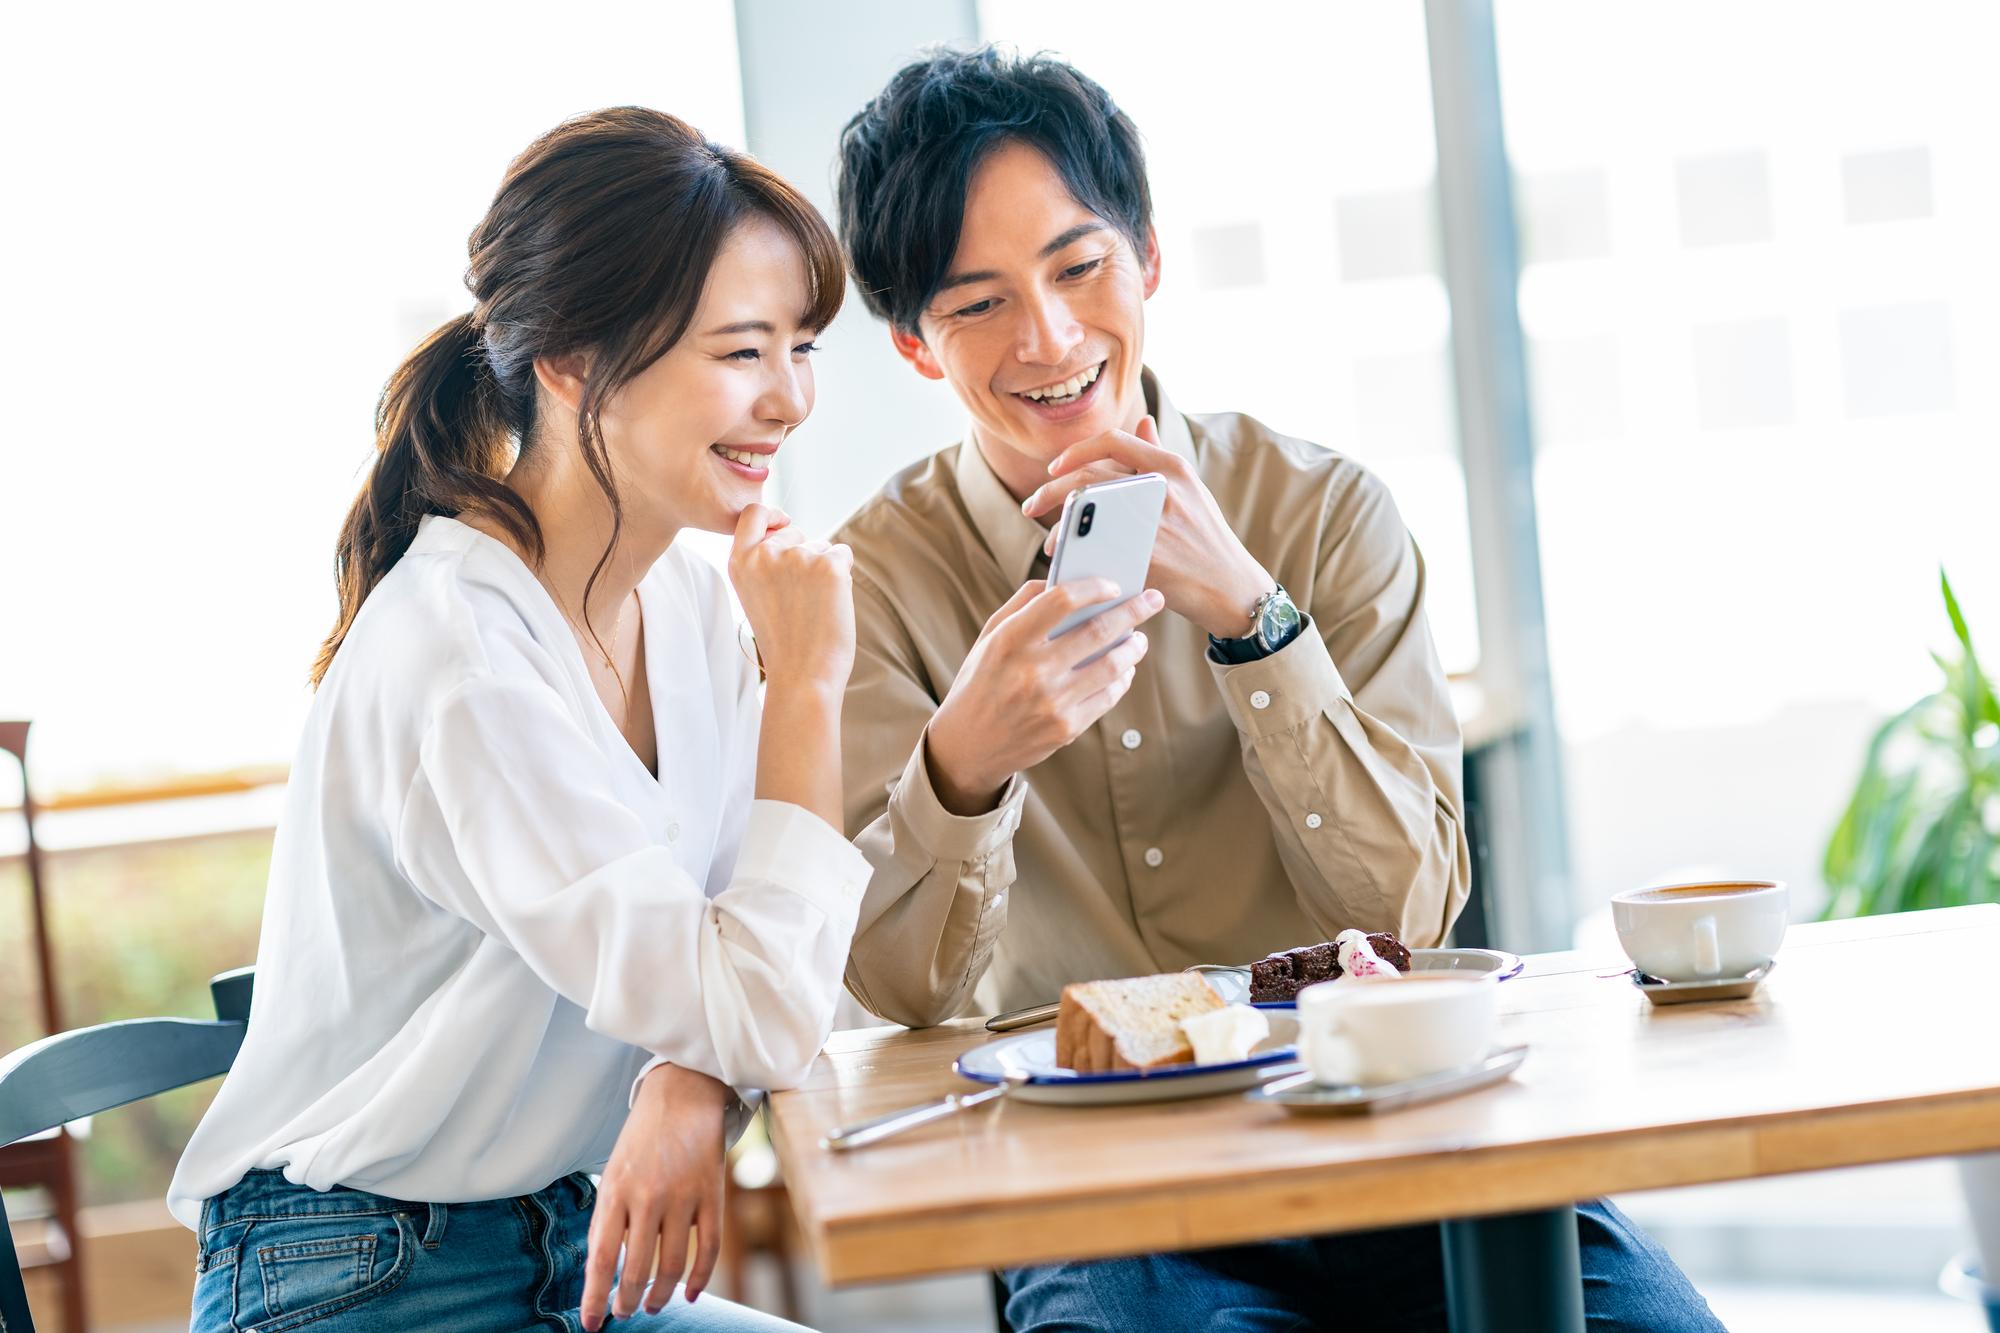 愛を育むコミュニケーション